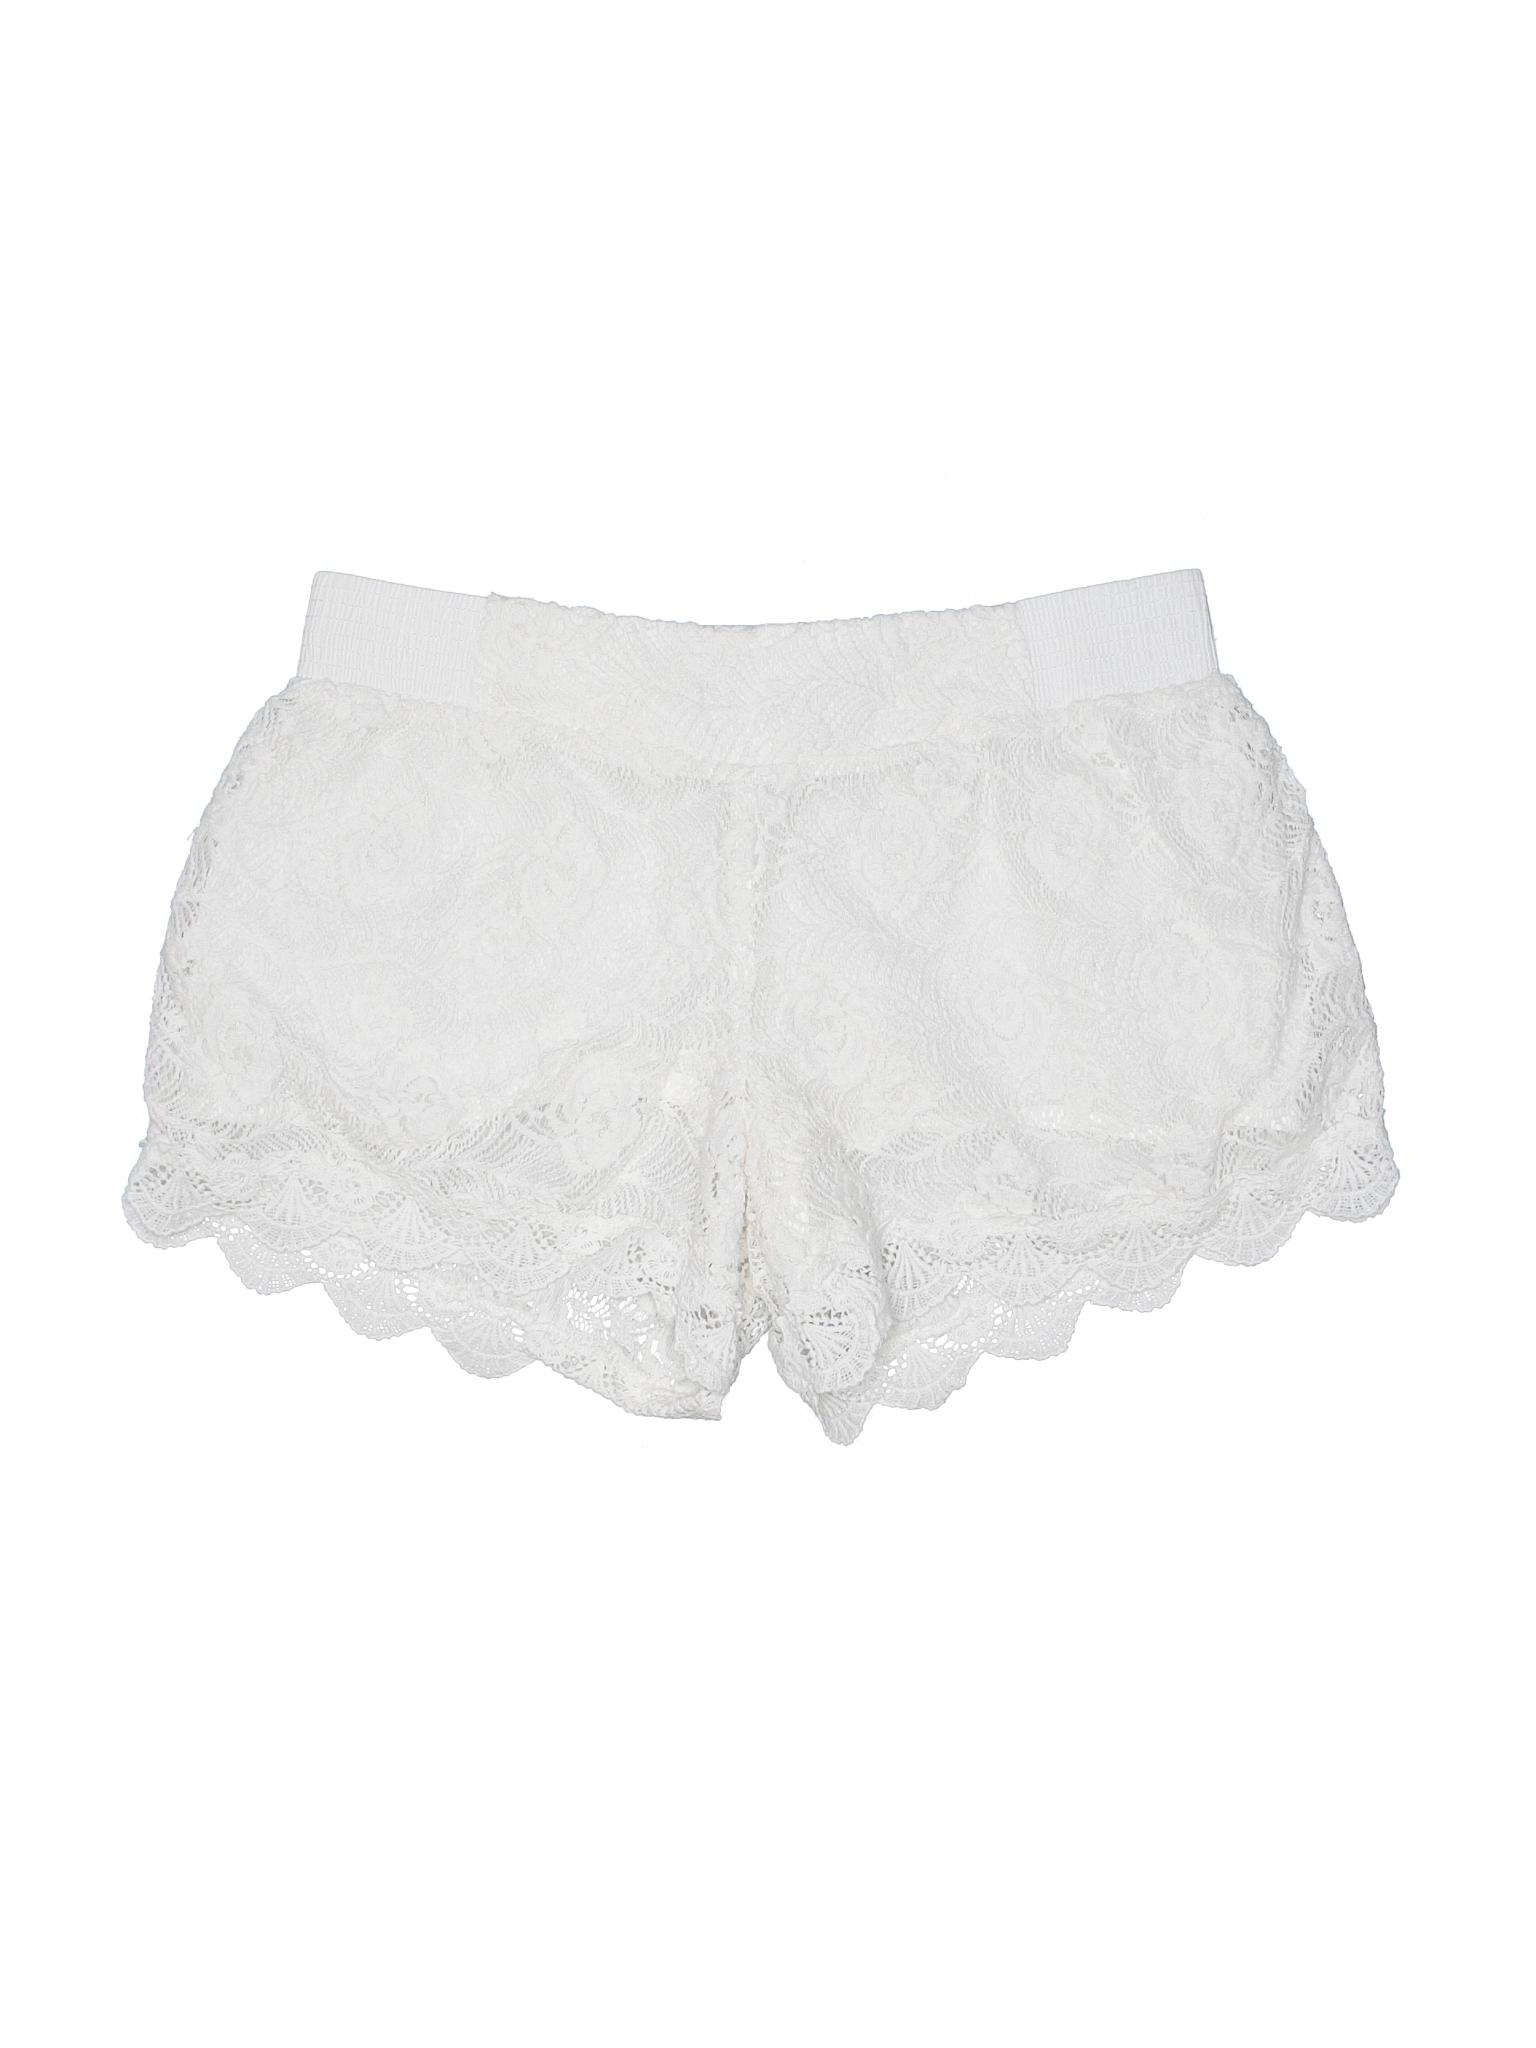 Boutique Me Miss Shorts Boutique Shorts Boutique Miss Me Miss Me fI7qxwAI4